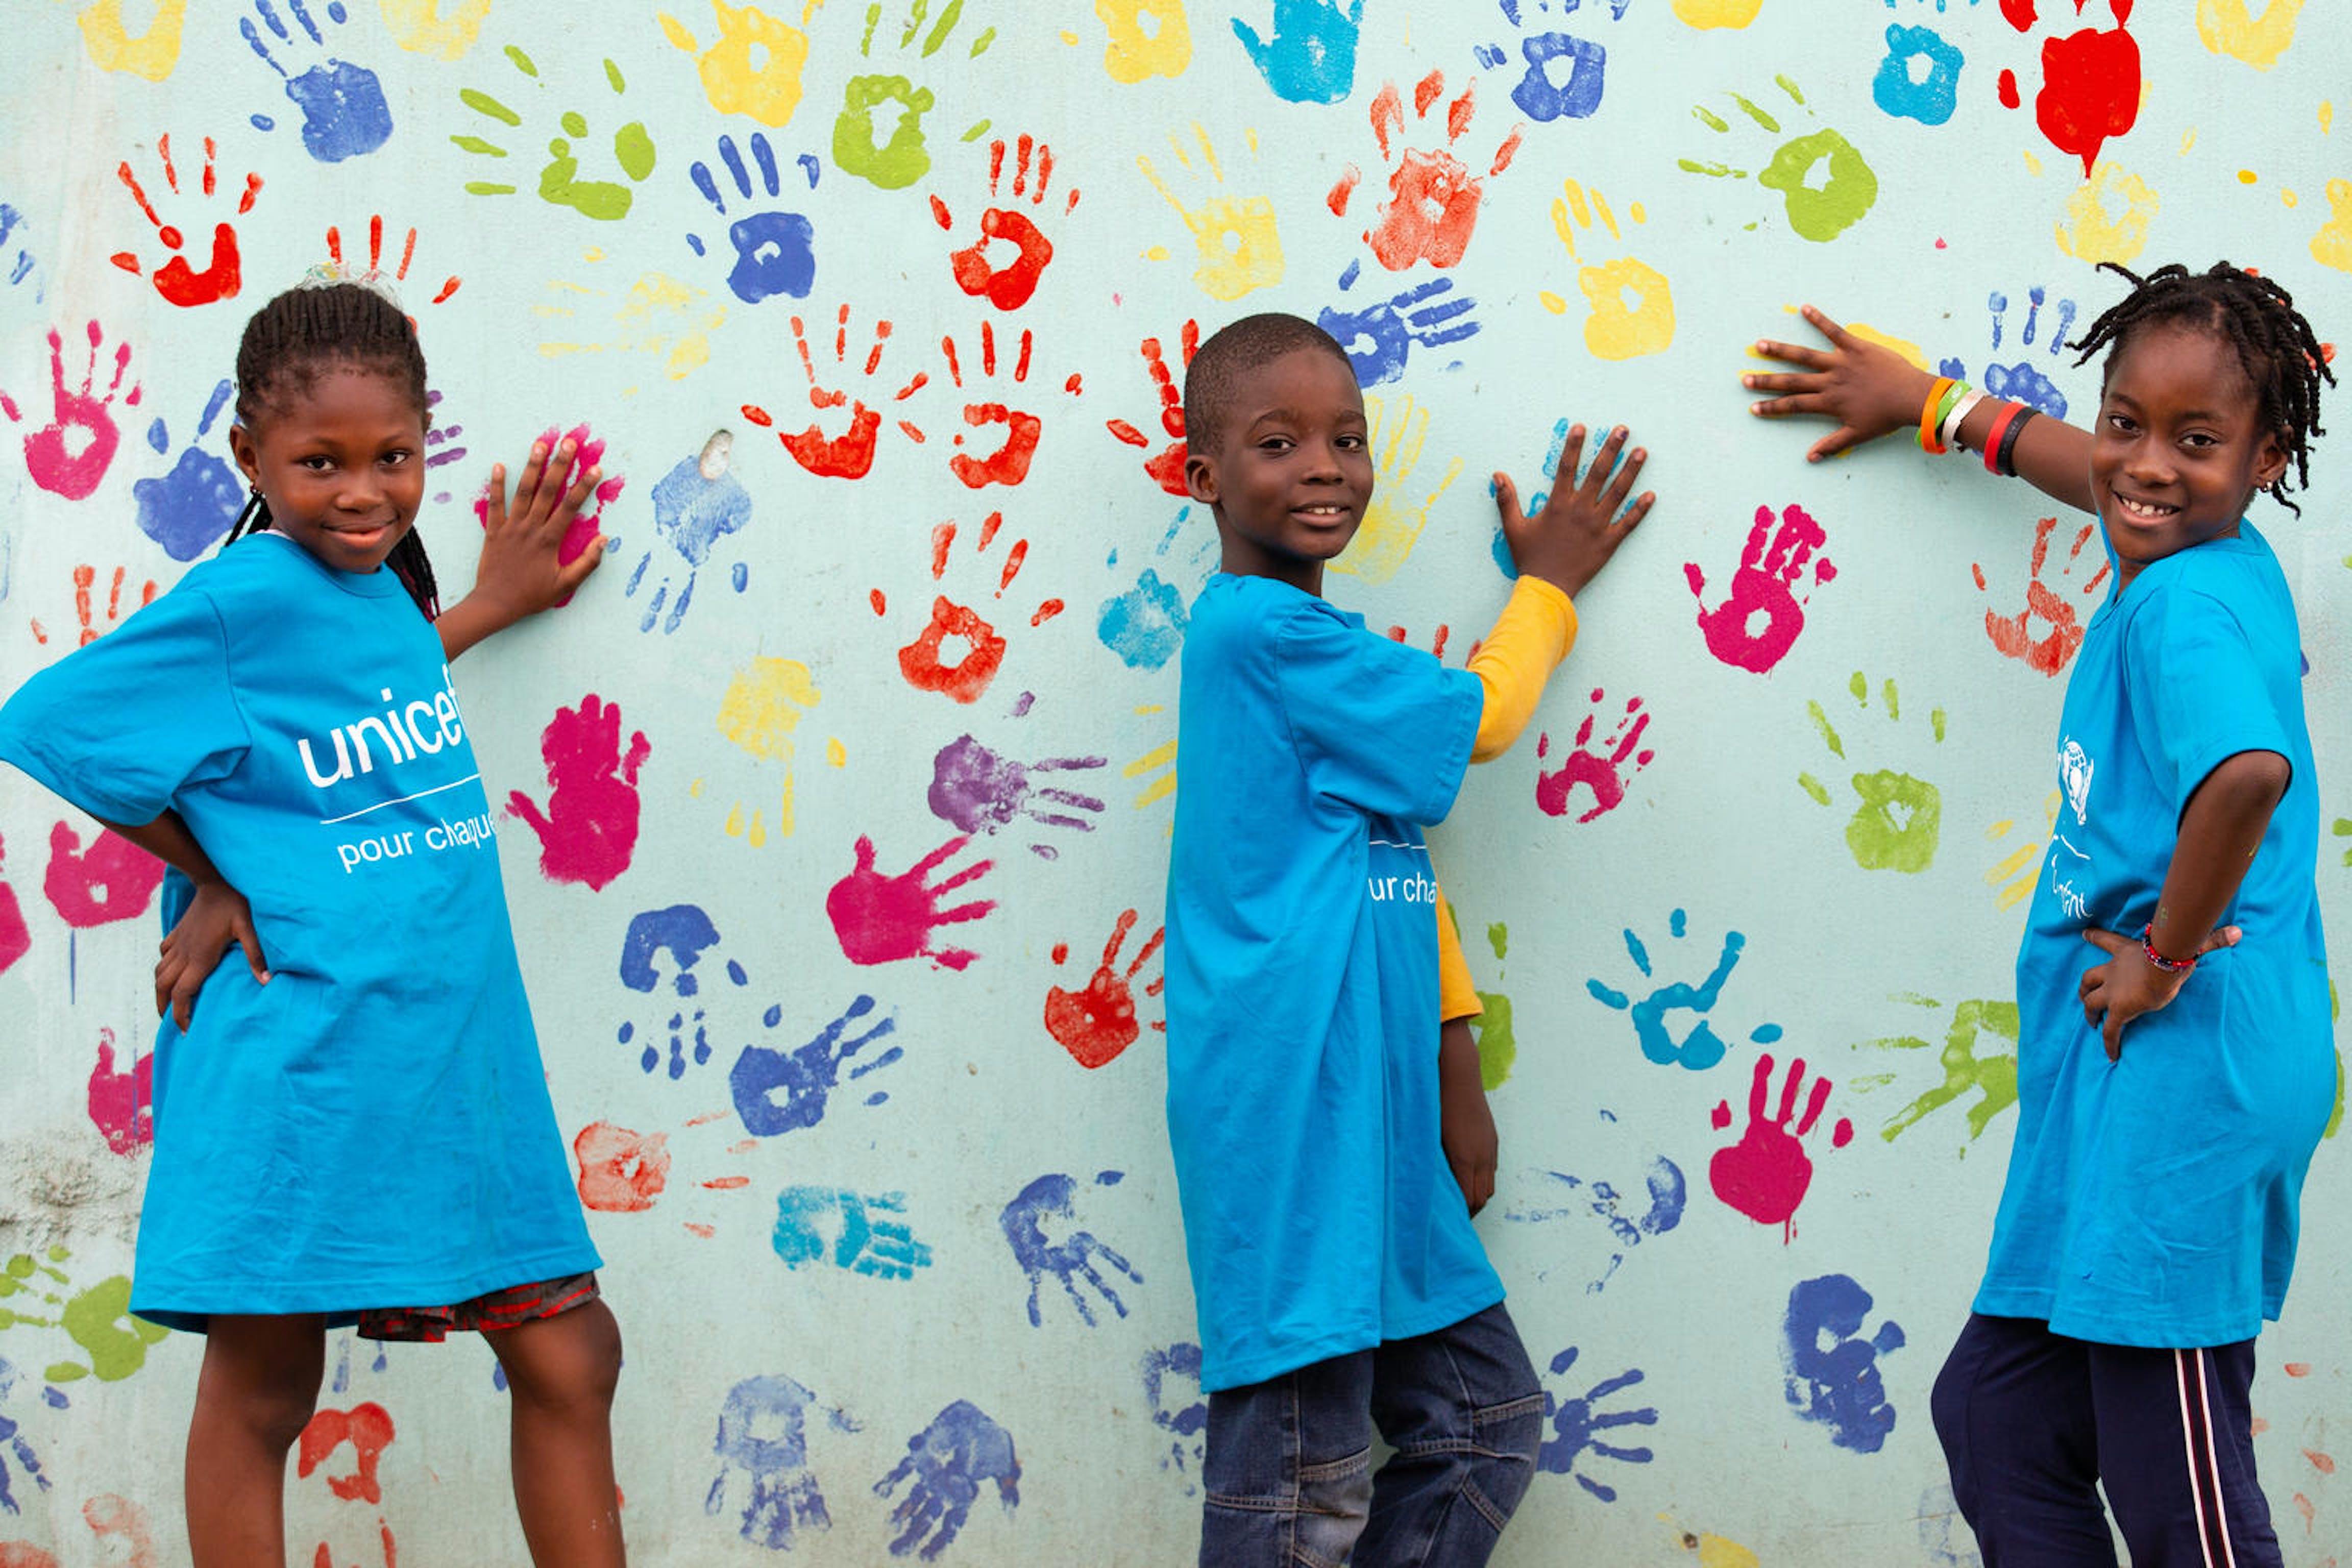 © UNICEF/UN0356705/Diarassouba